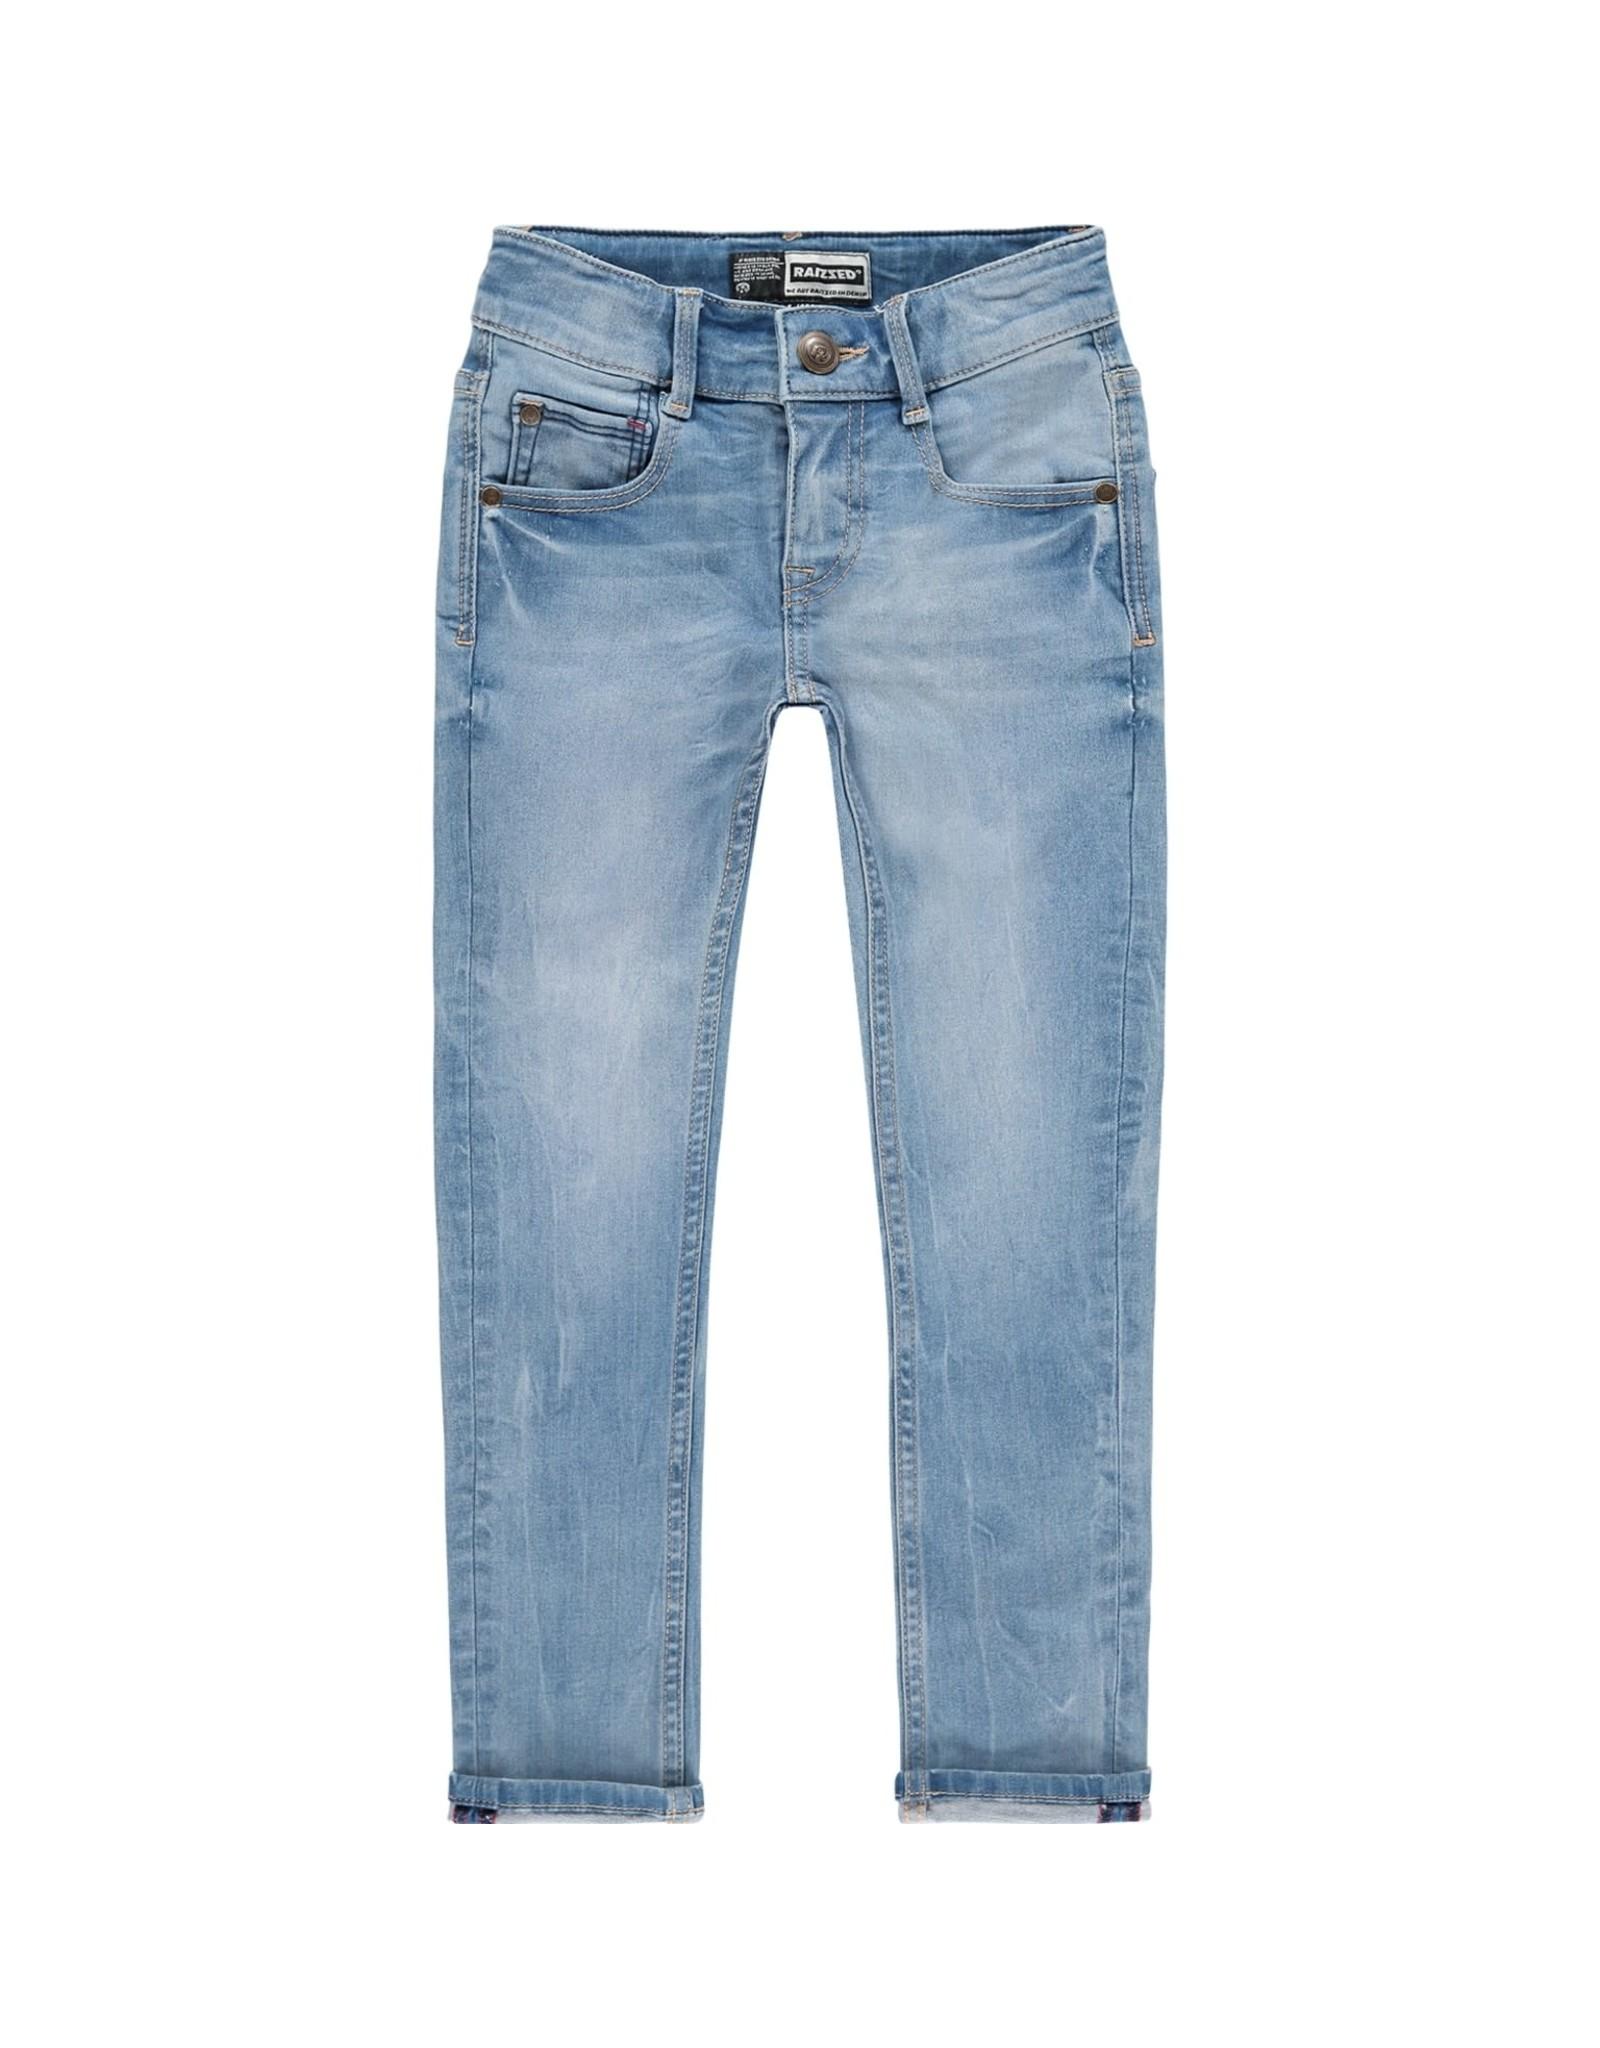 Raizzed Raizzed jongens jeans Tokyo Light Blue Stone